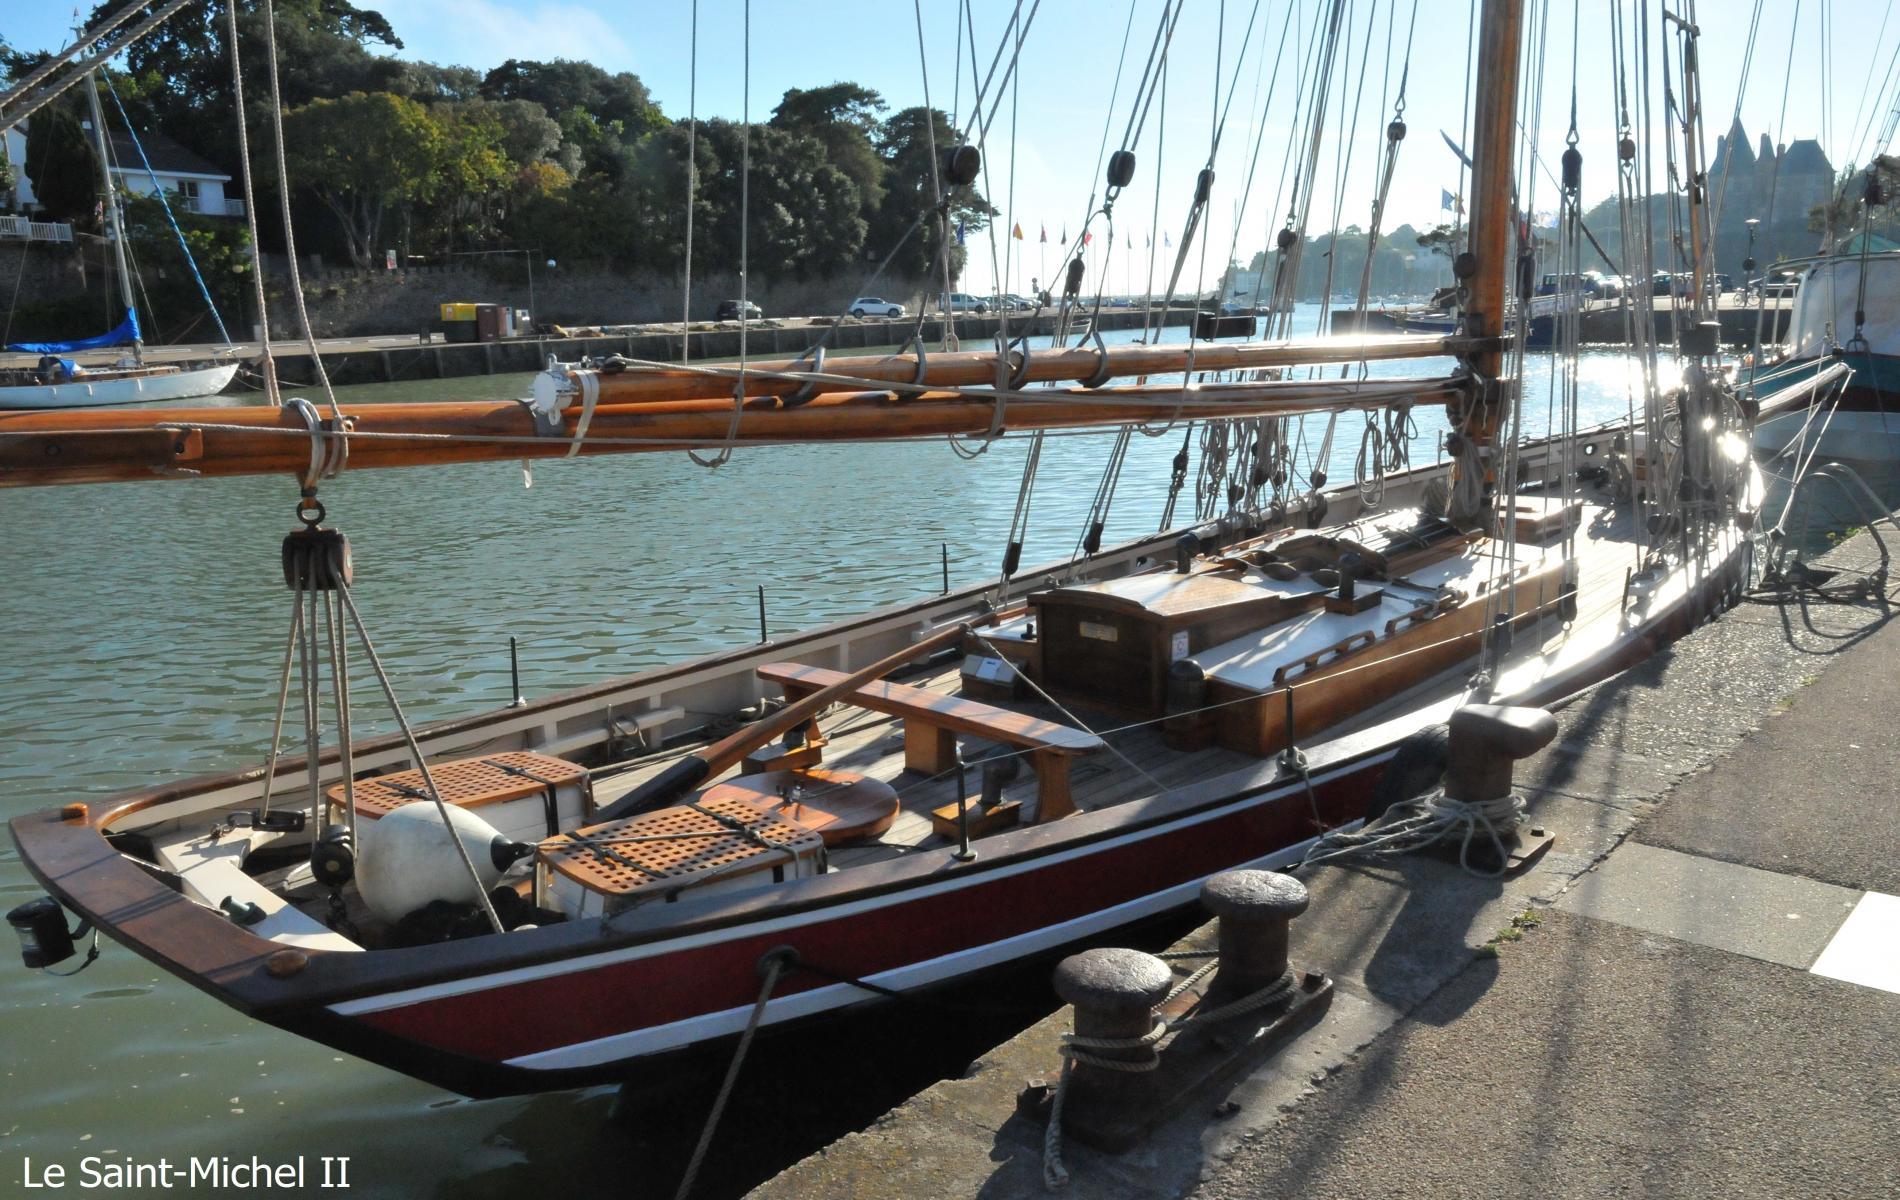 Le Saint-Michel II, réplique du bateau de Jules Verne.